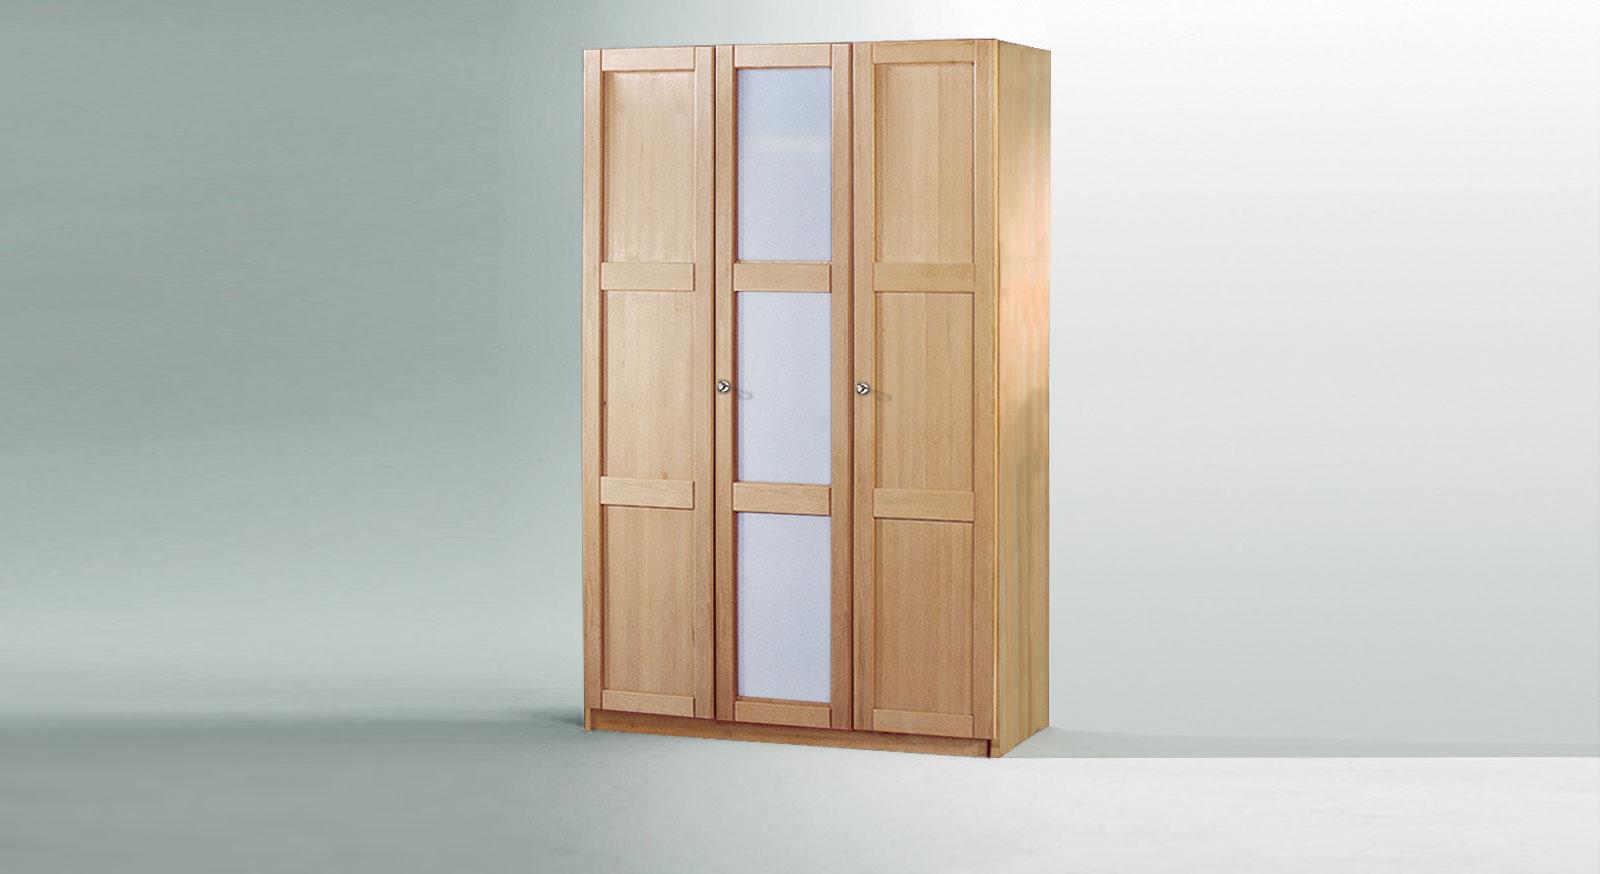 3 t riger kleiderschrank mira aus massiver buche. Black Bedroom Furniture Sets. Home Design Ideas